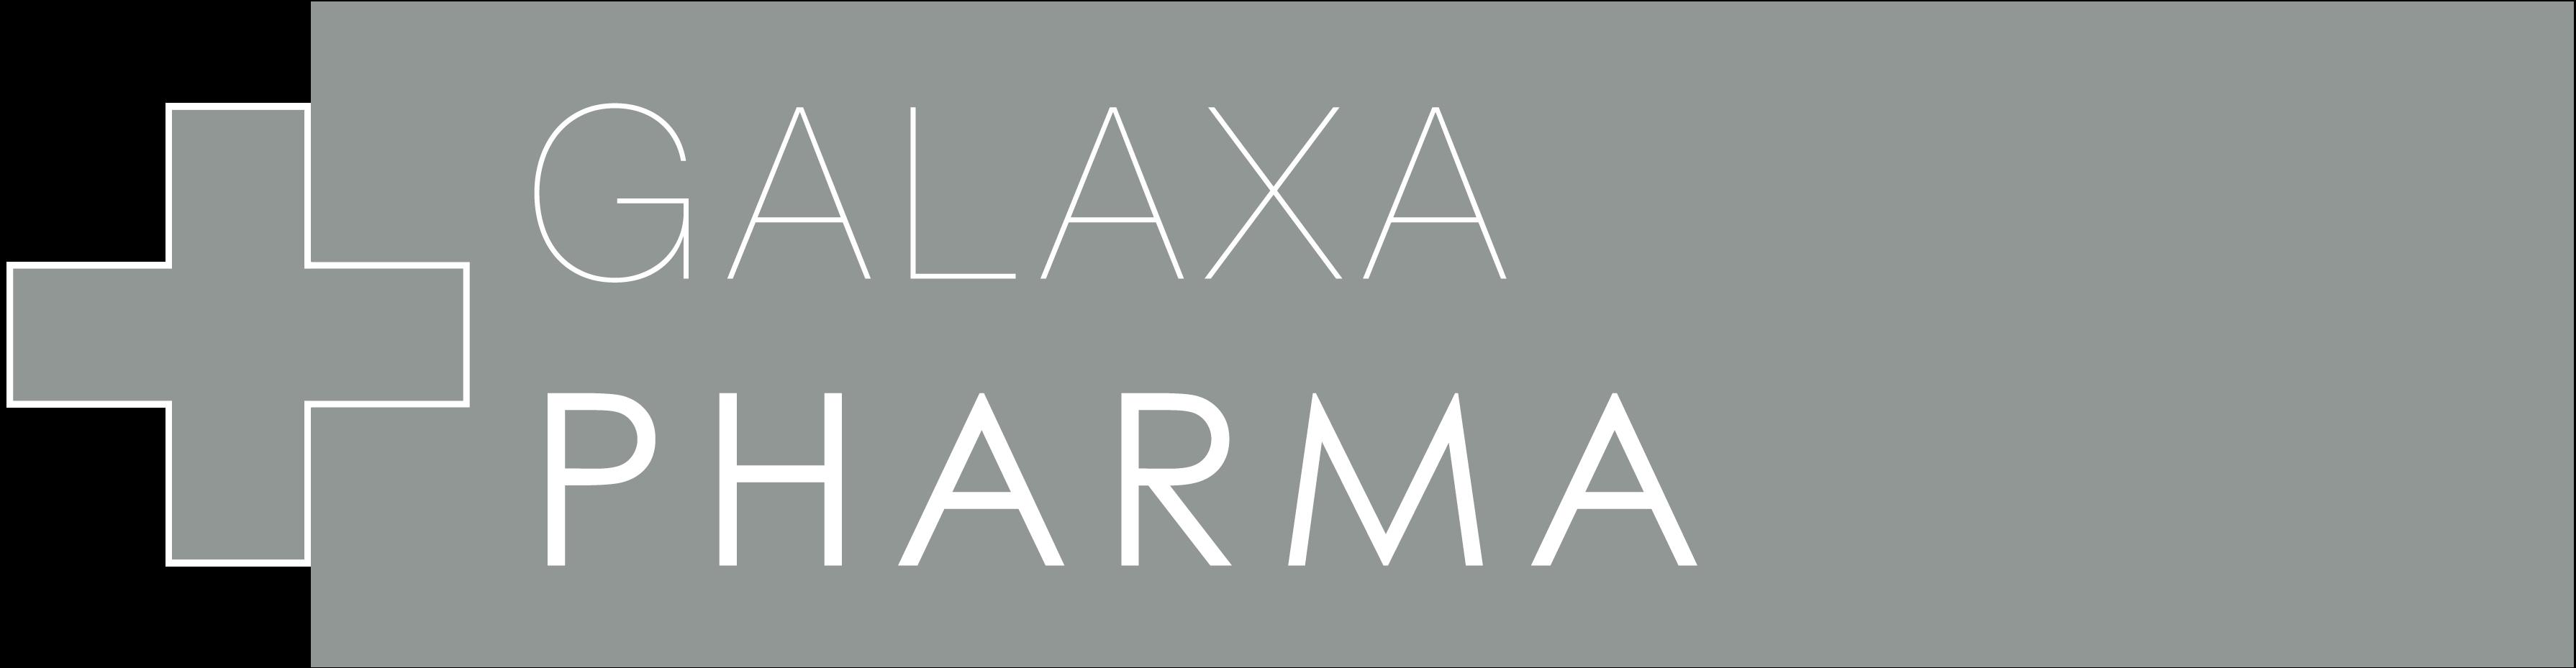 Galaxapharma.com